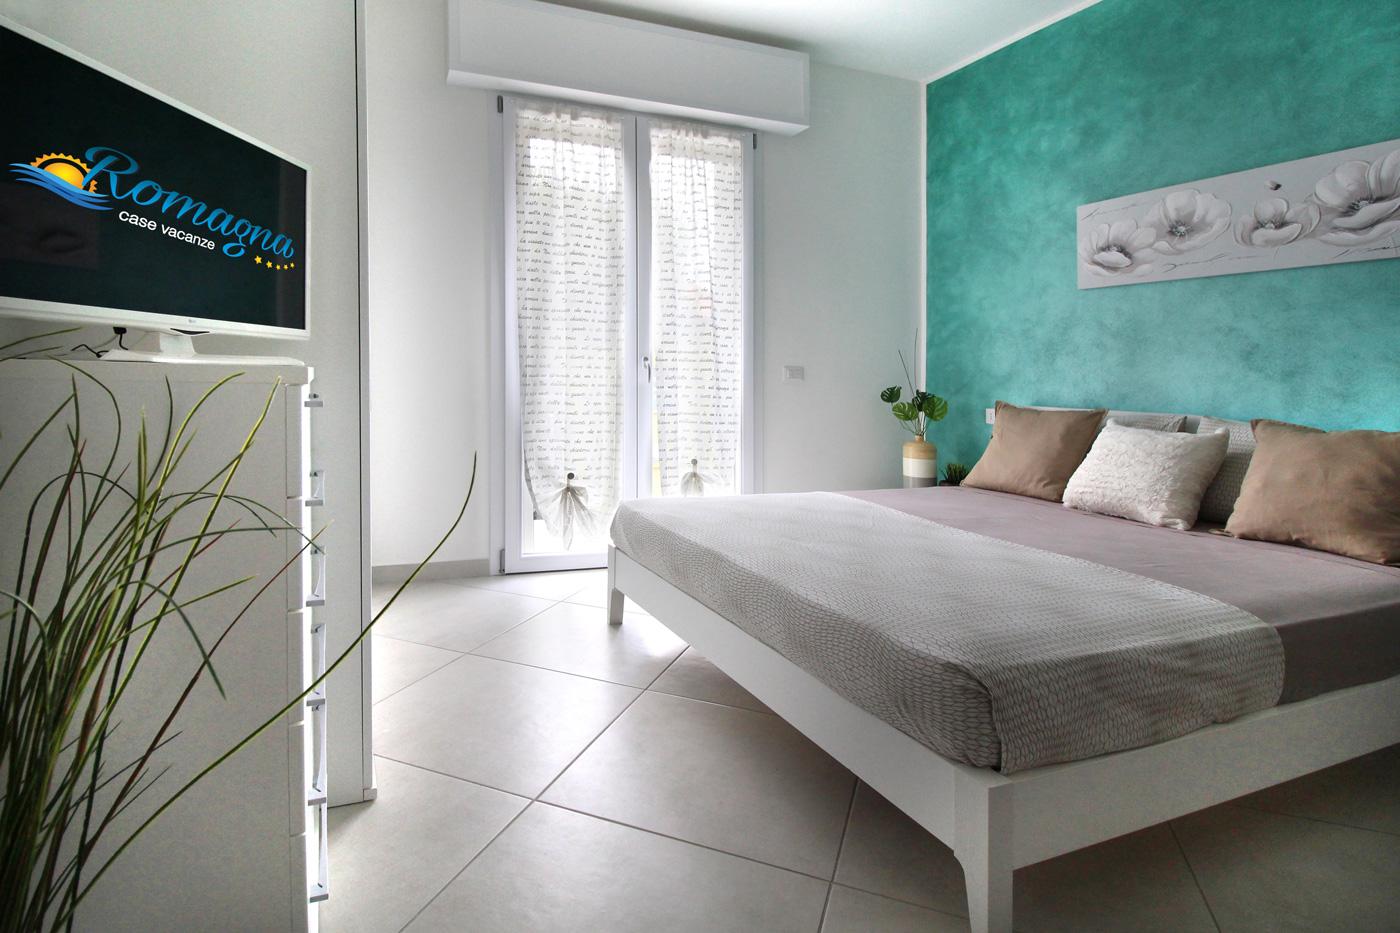 Appartamento Sofia_Romagna case vacanze_Gatteo mare_San mauro_9694_2